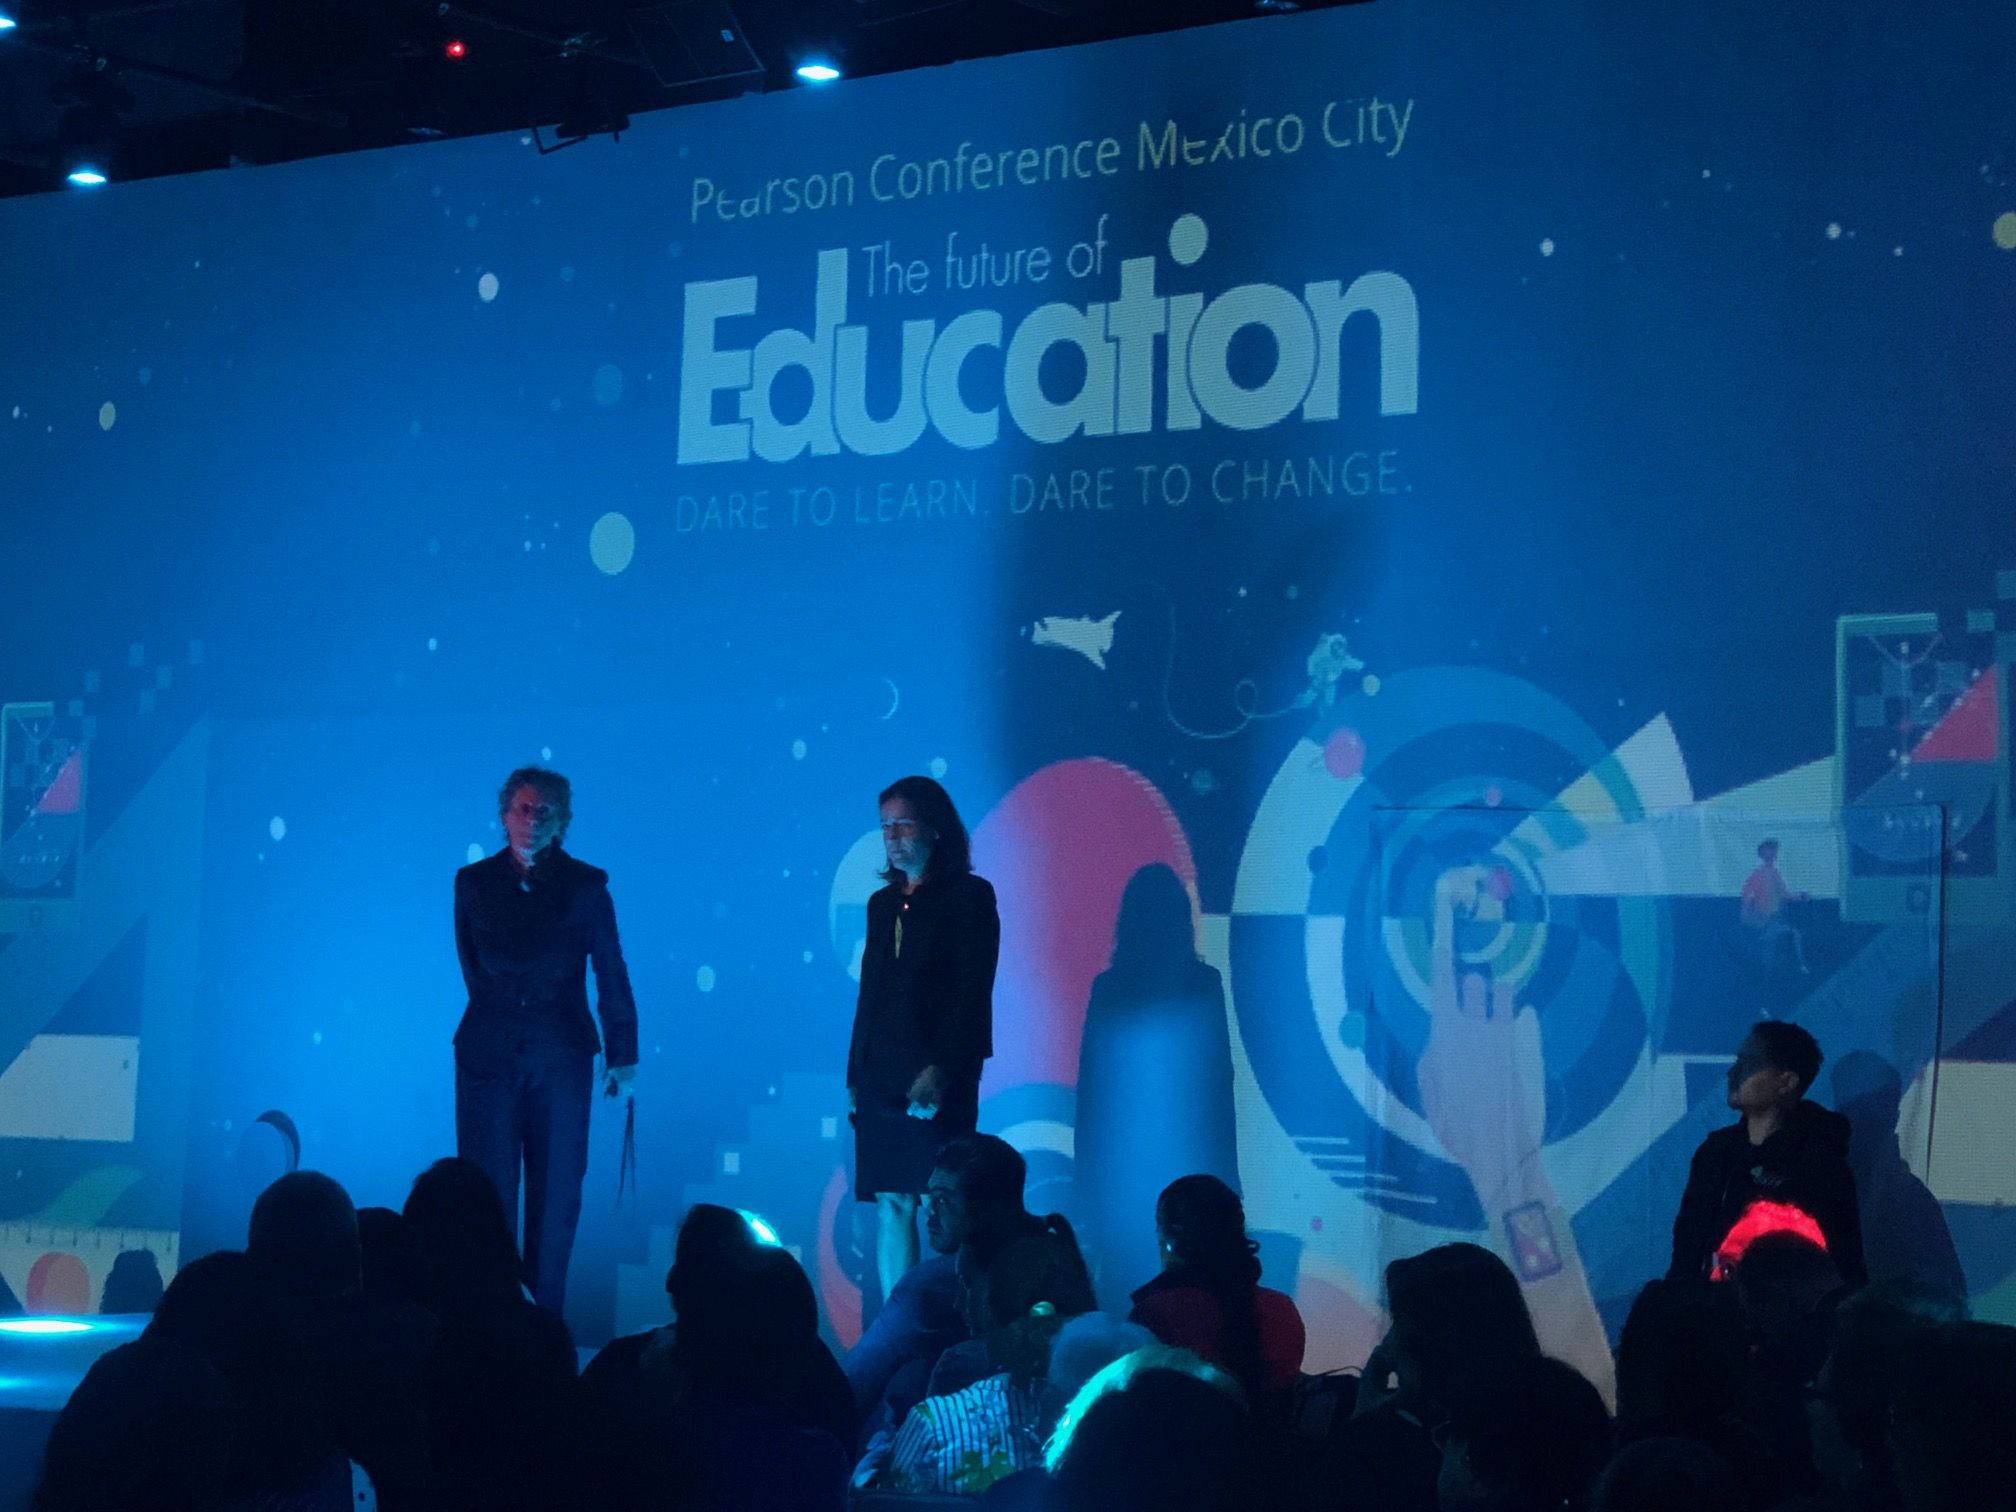 Foto de Pearson Conference